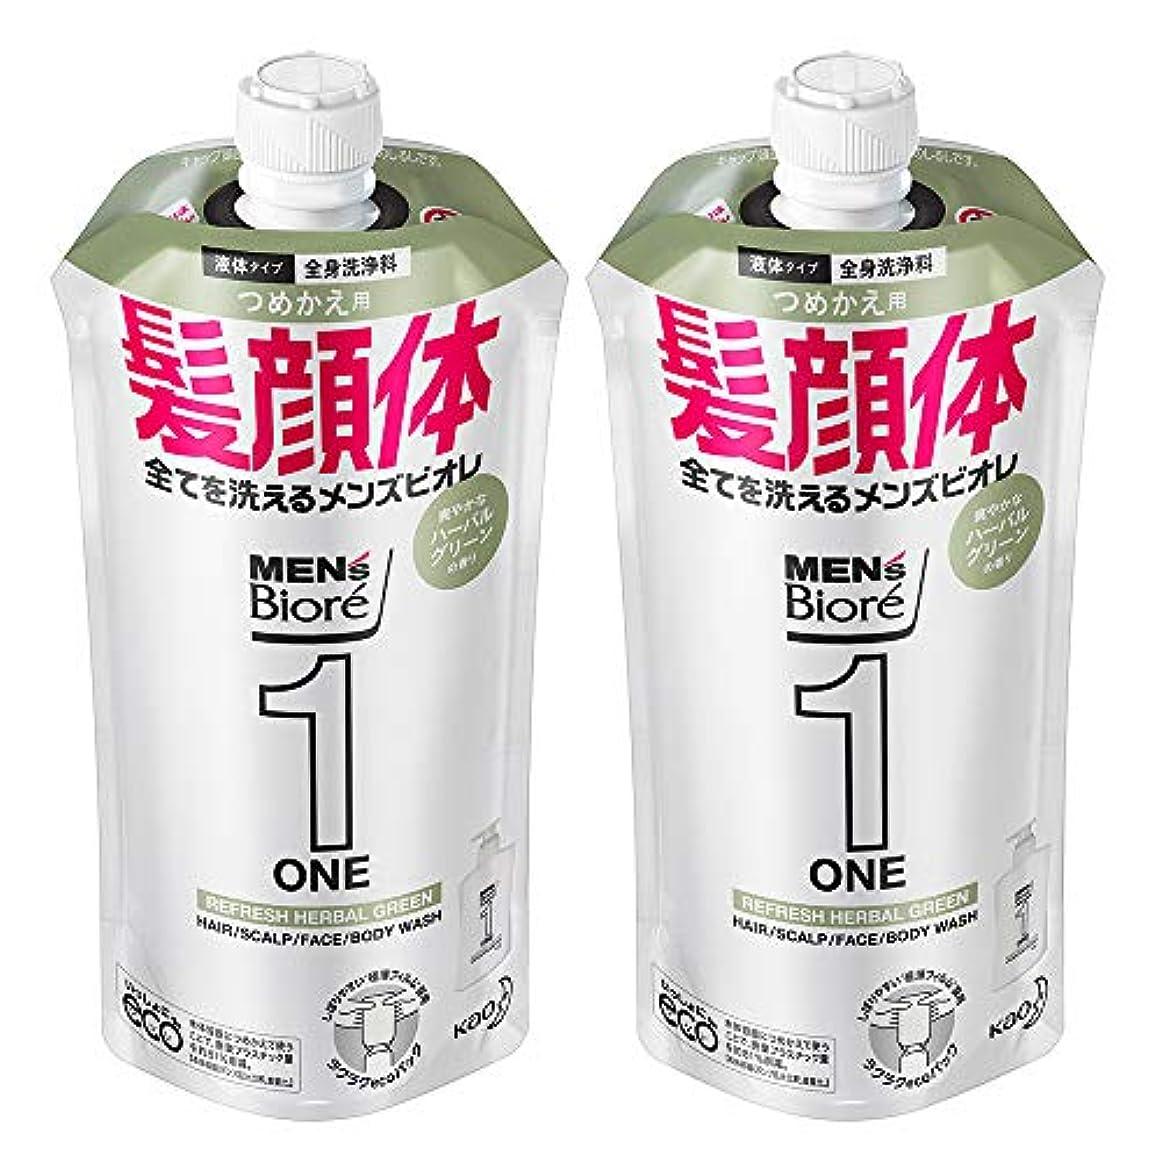 最高規則性甲虫【まとめ買い】メンズビオレ ONE オールインワン全身洗浄料 ハーバルグリーンの香り つめかえ用 340ml×2個